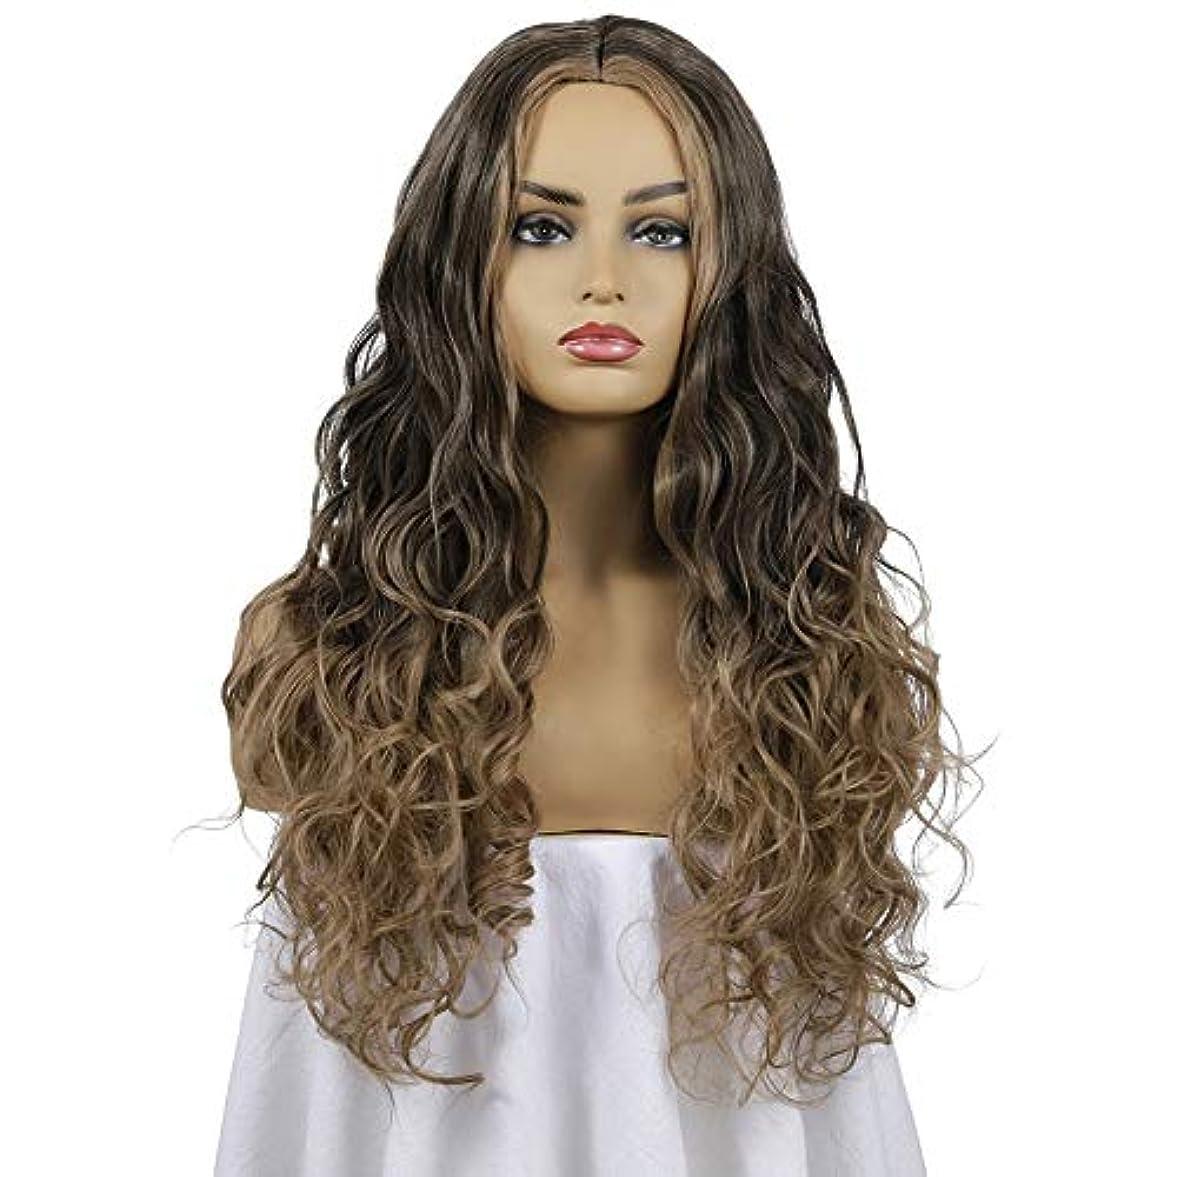 粘土原子自伝女性の長い巻き毛のウェーブのかかった髪のかつら26インチ魅力的な人工毛交換かつらと中間別れハロウィーンコスプレ衣装アニメパーティーかつら、黒と茶色のかつら